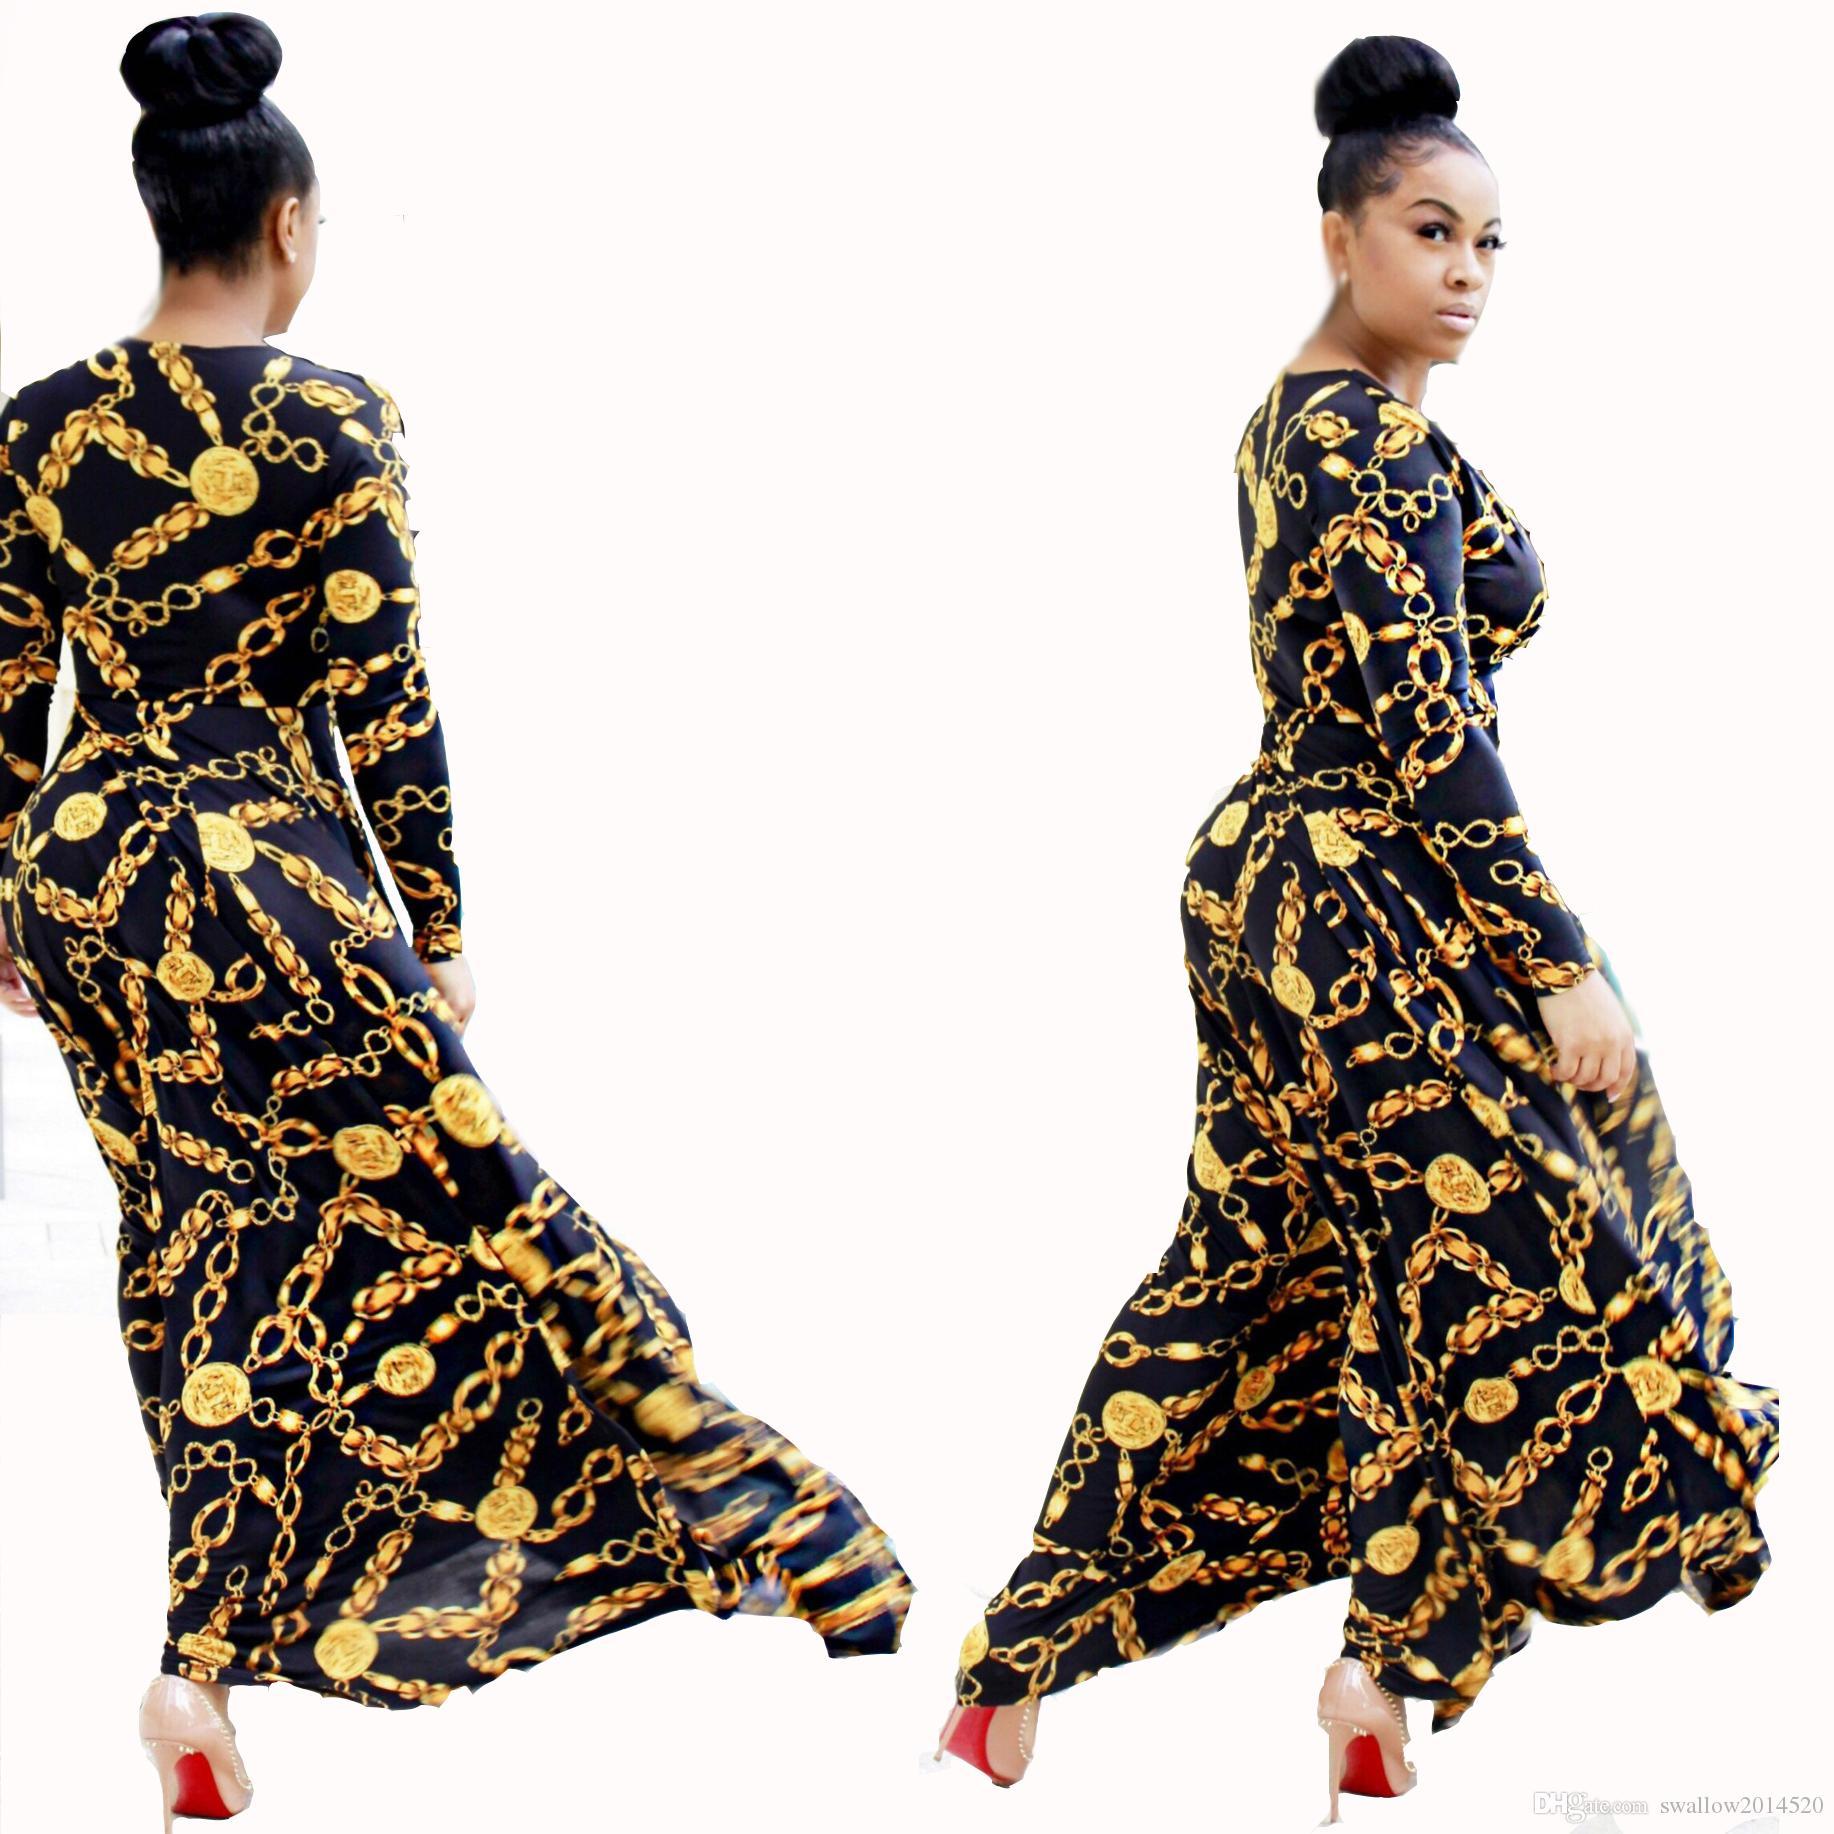 6a21197b8 Compre Venta Caliente Nuevo Diseño De Moda Ropa Africana Tradicional  Imprimir Dashiki Niza Cuello Vestidos Africanos Para Mujeres 2019 A  14.19  Del ...